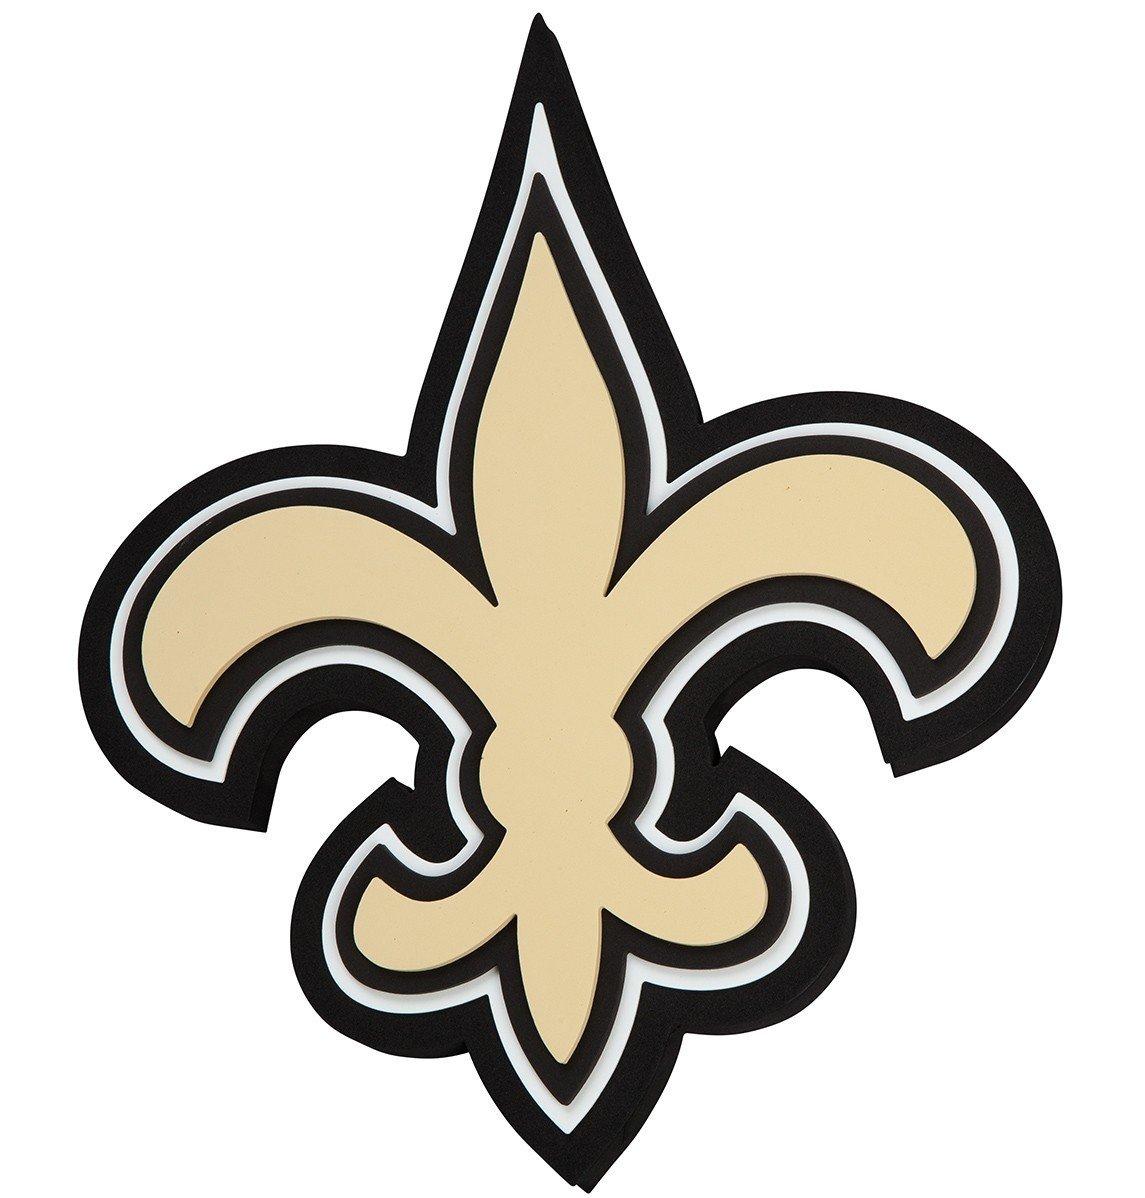 【チーム紹介】ニューオーリンズ・セインツ New Orleans Saints